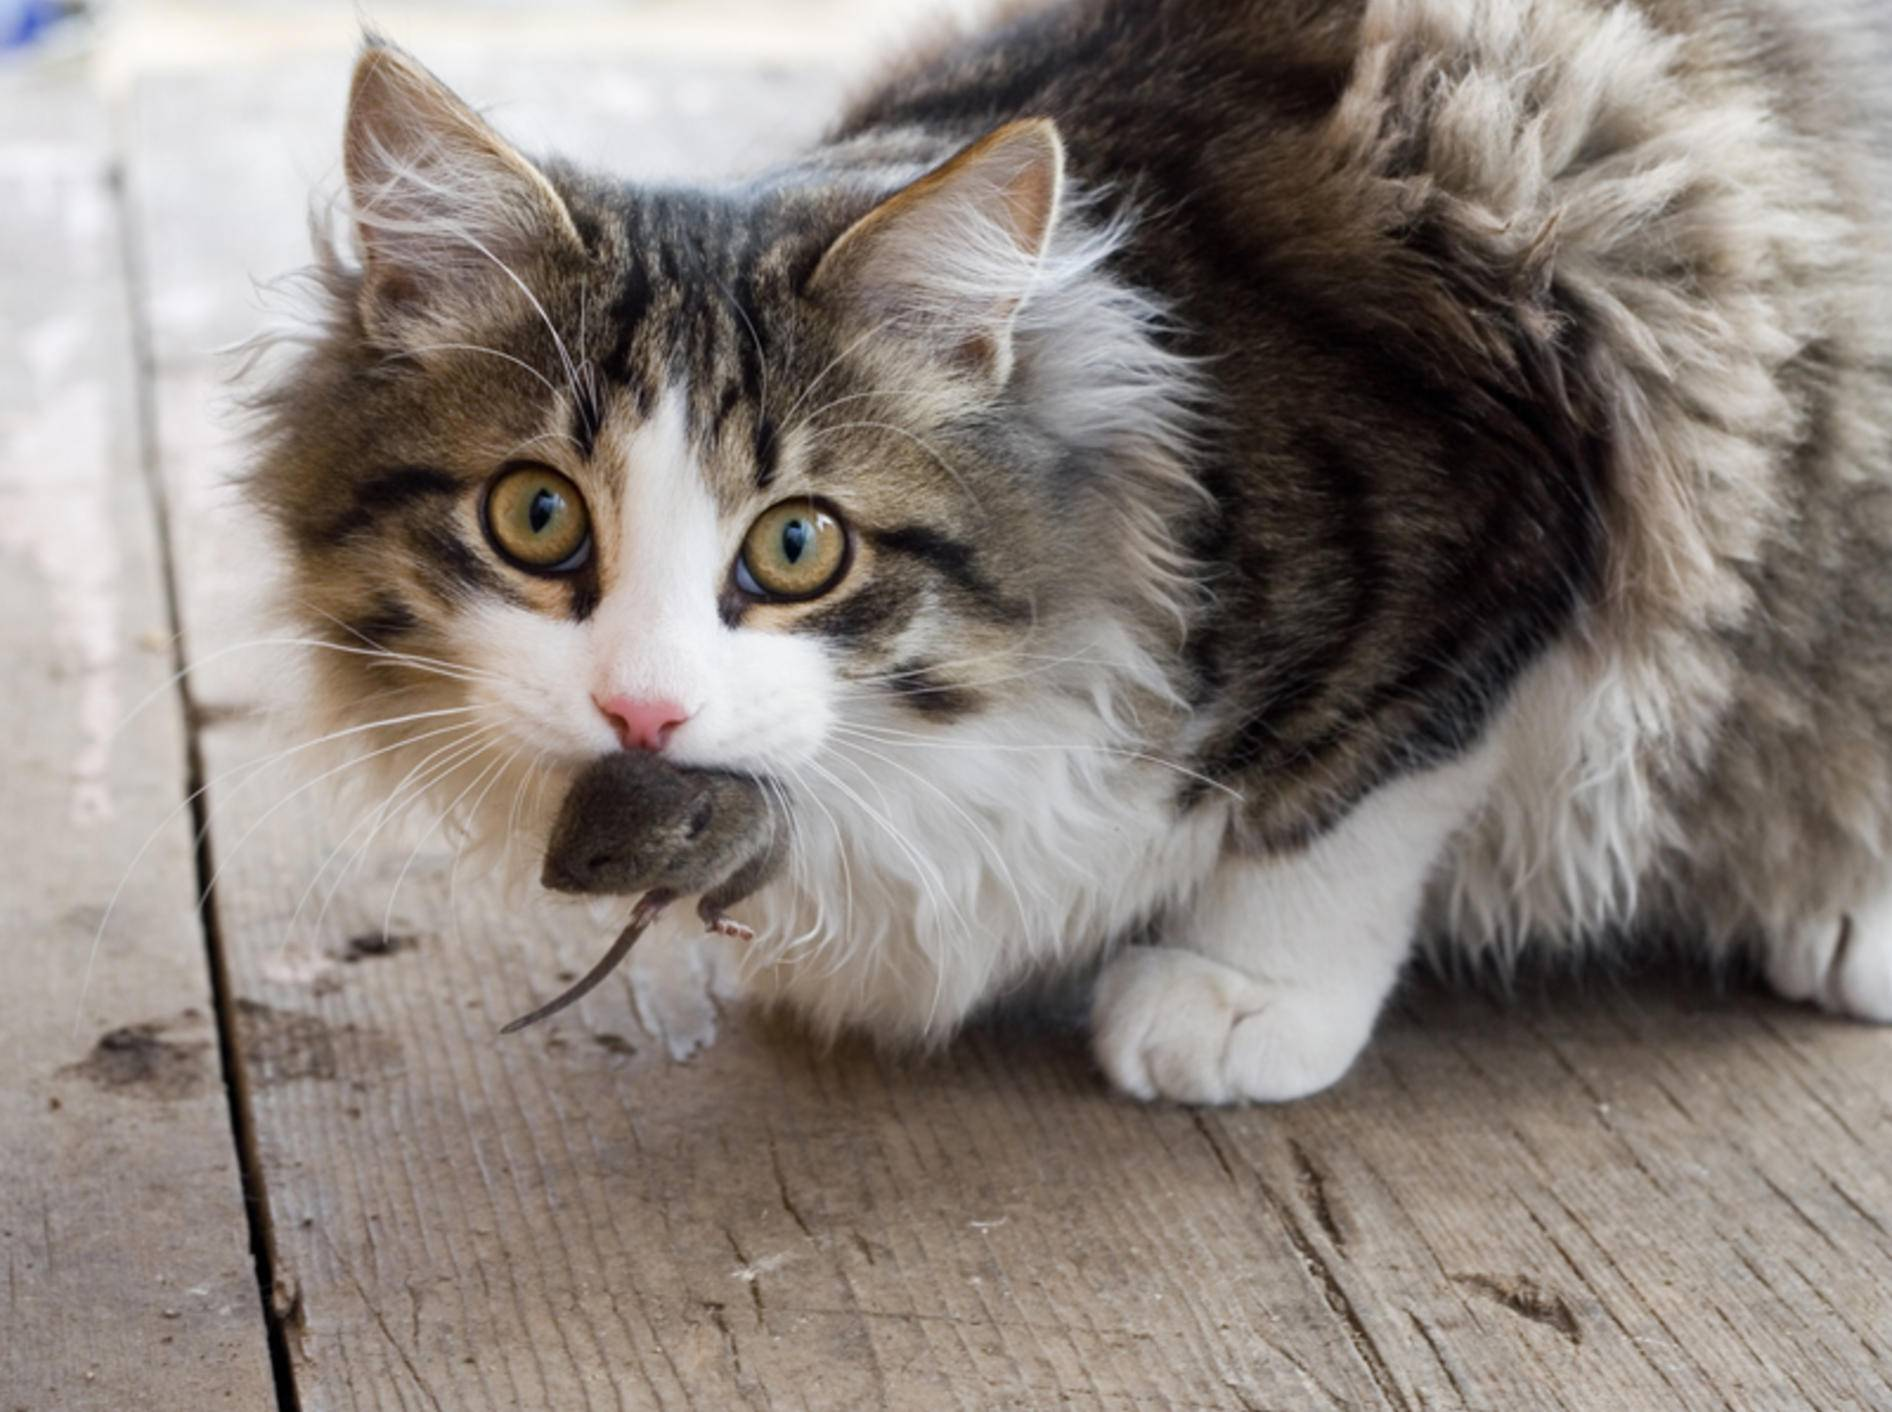 """""""Guck mal, hab ich selbst gefangen!"""": Diese junge Katze ist stolz auf ihre Beute – Shutterstock / Andrey Stratilatov"""